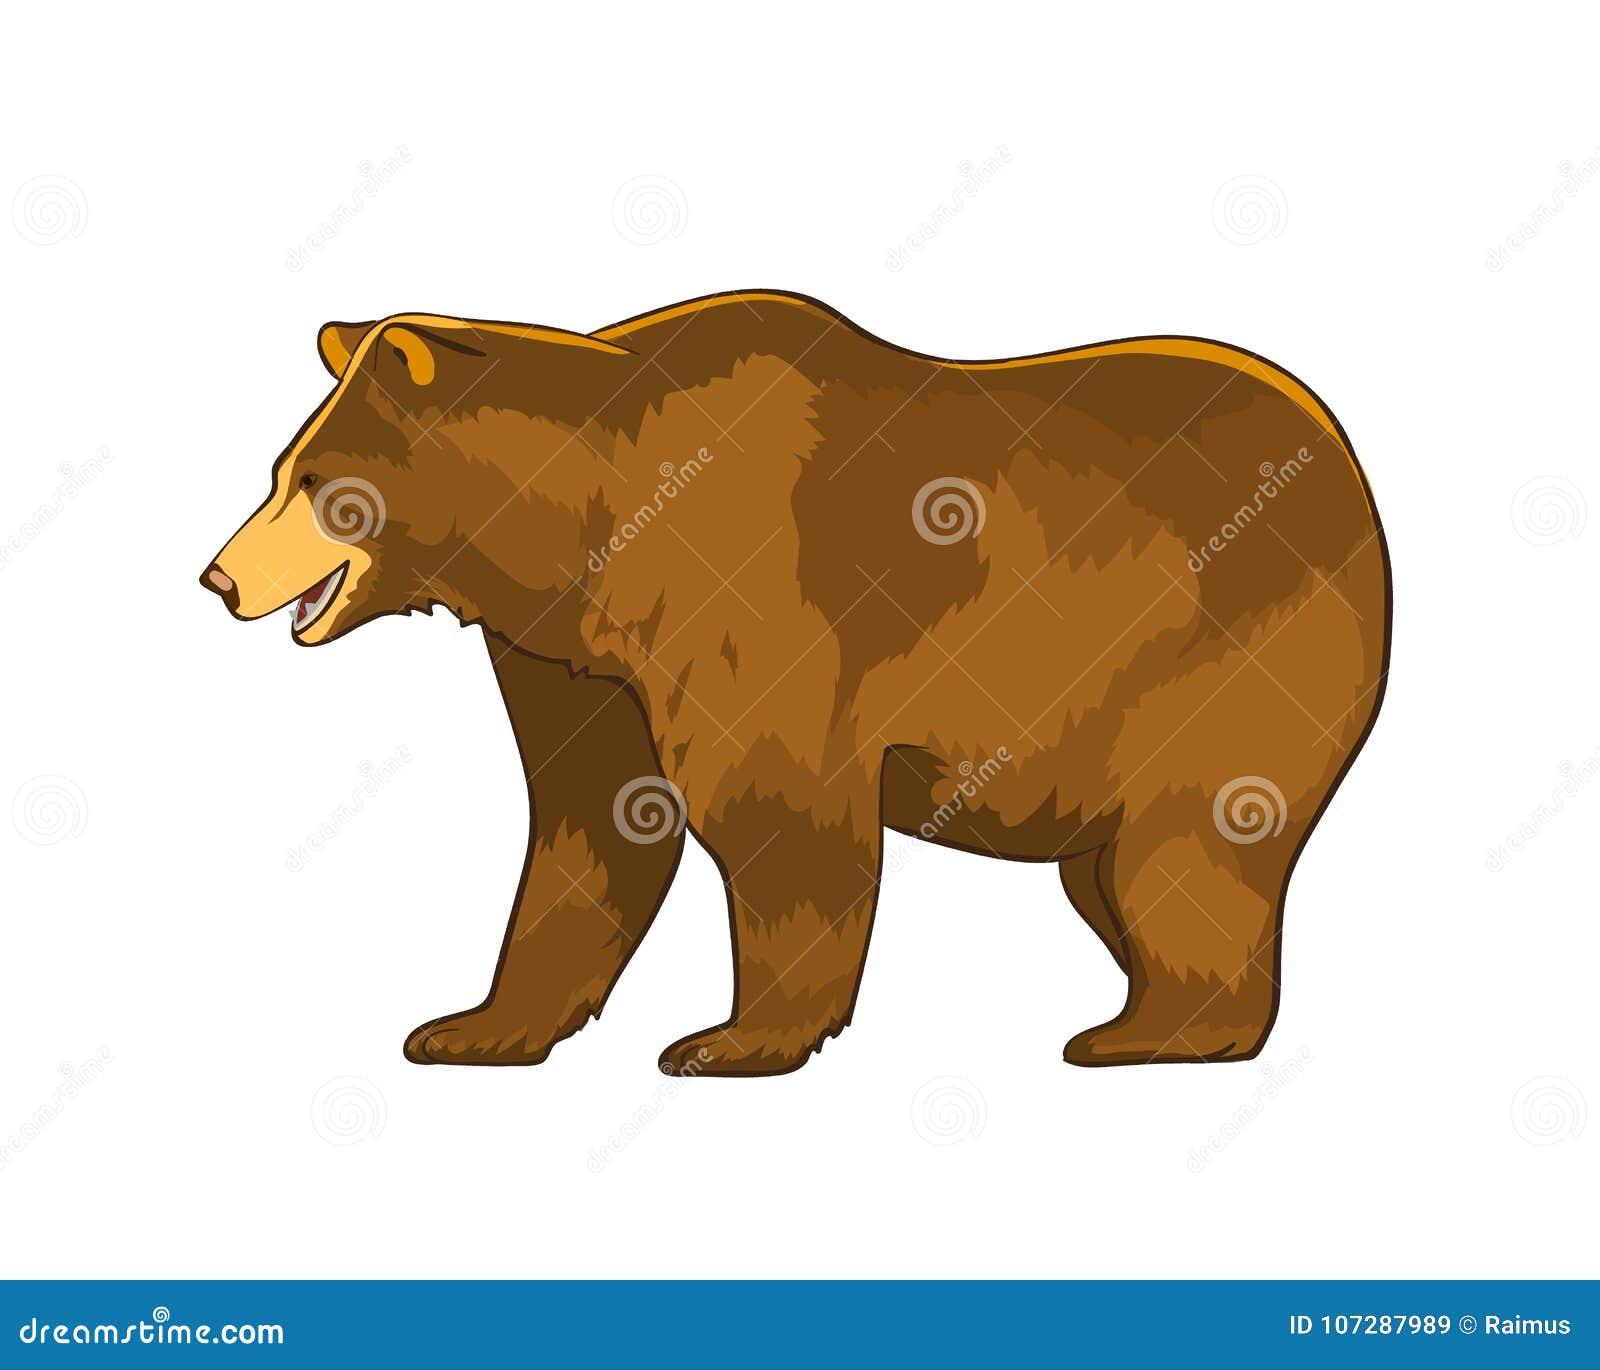 上色熊北美灰熊的传染媒介例证被隔绝在白色背景